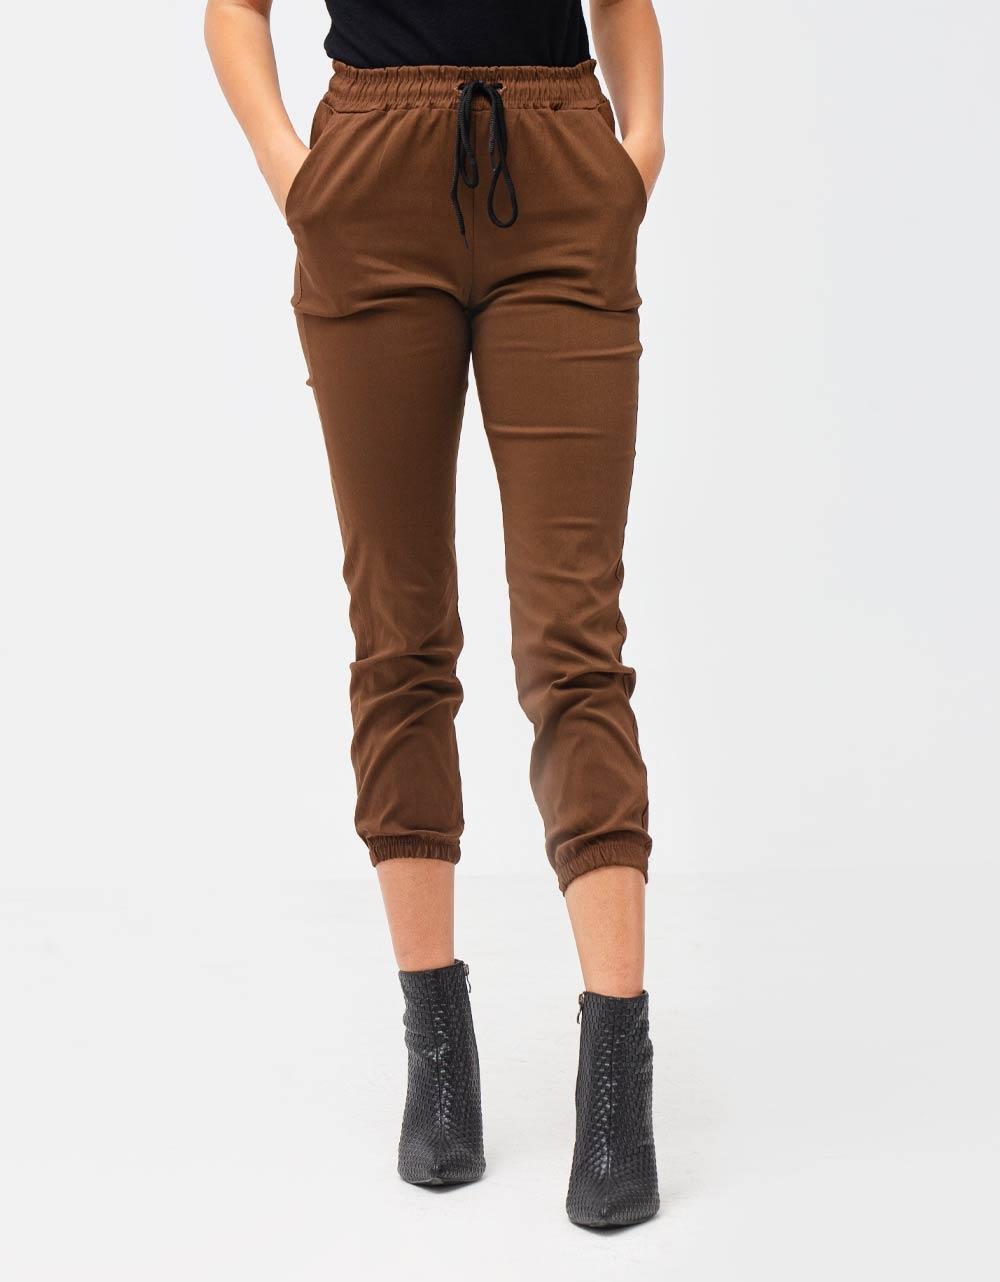 Εικόνα από Γυναικείο παντελόνι cargo Καφέ